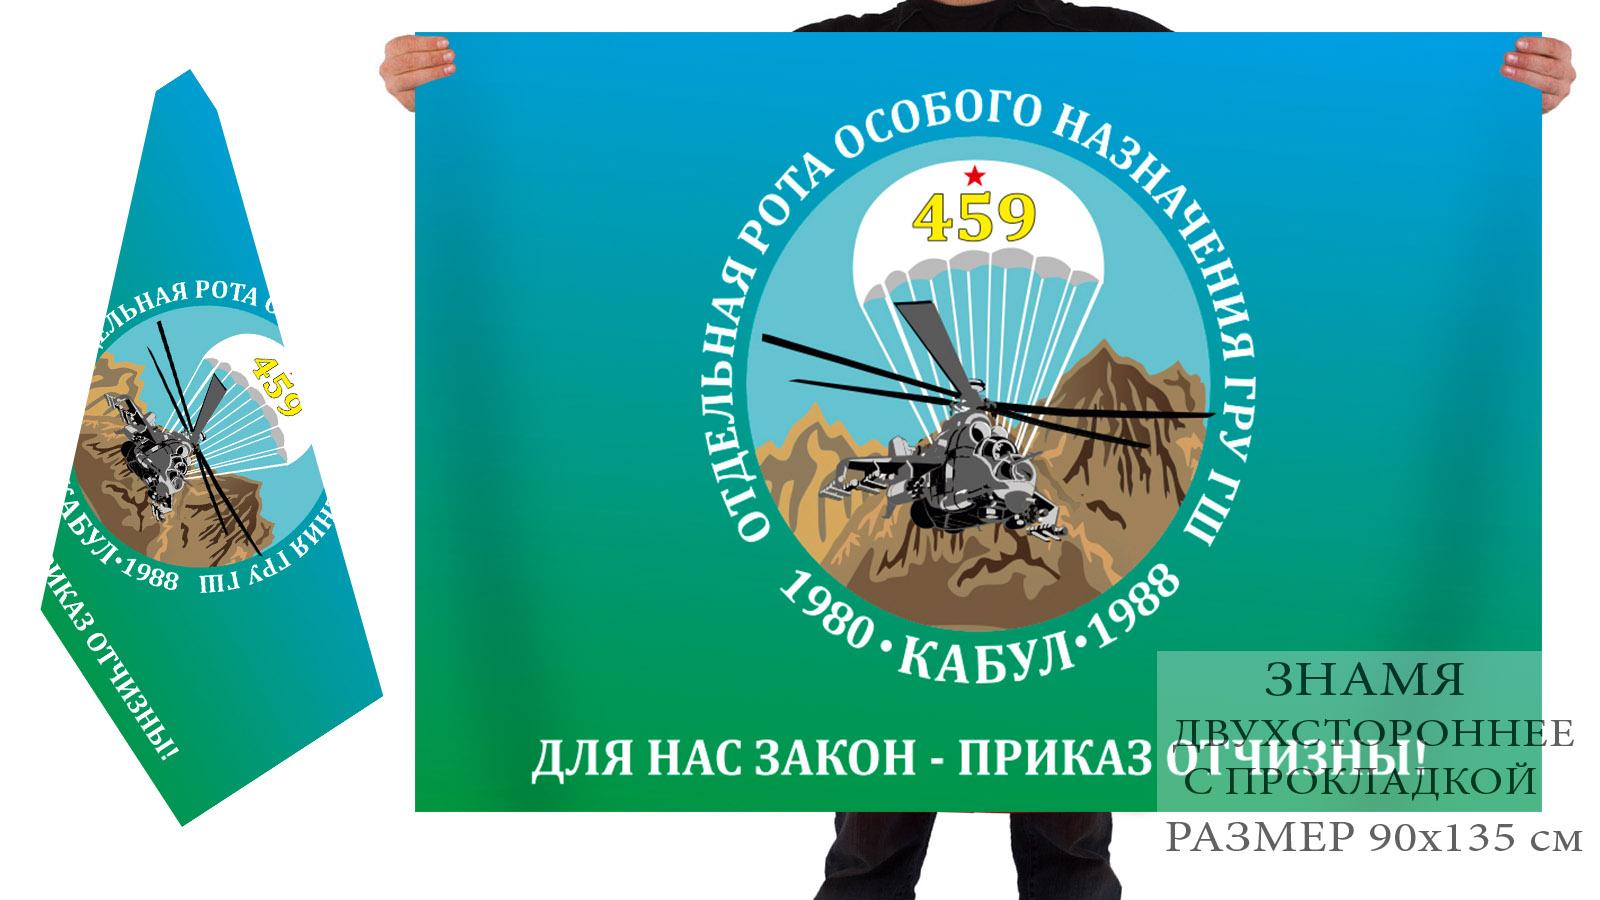 Двусторонний флаг 459 отдельной роты ОсНаз ГРУ ГШ